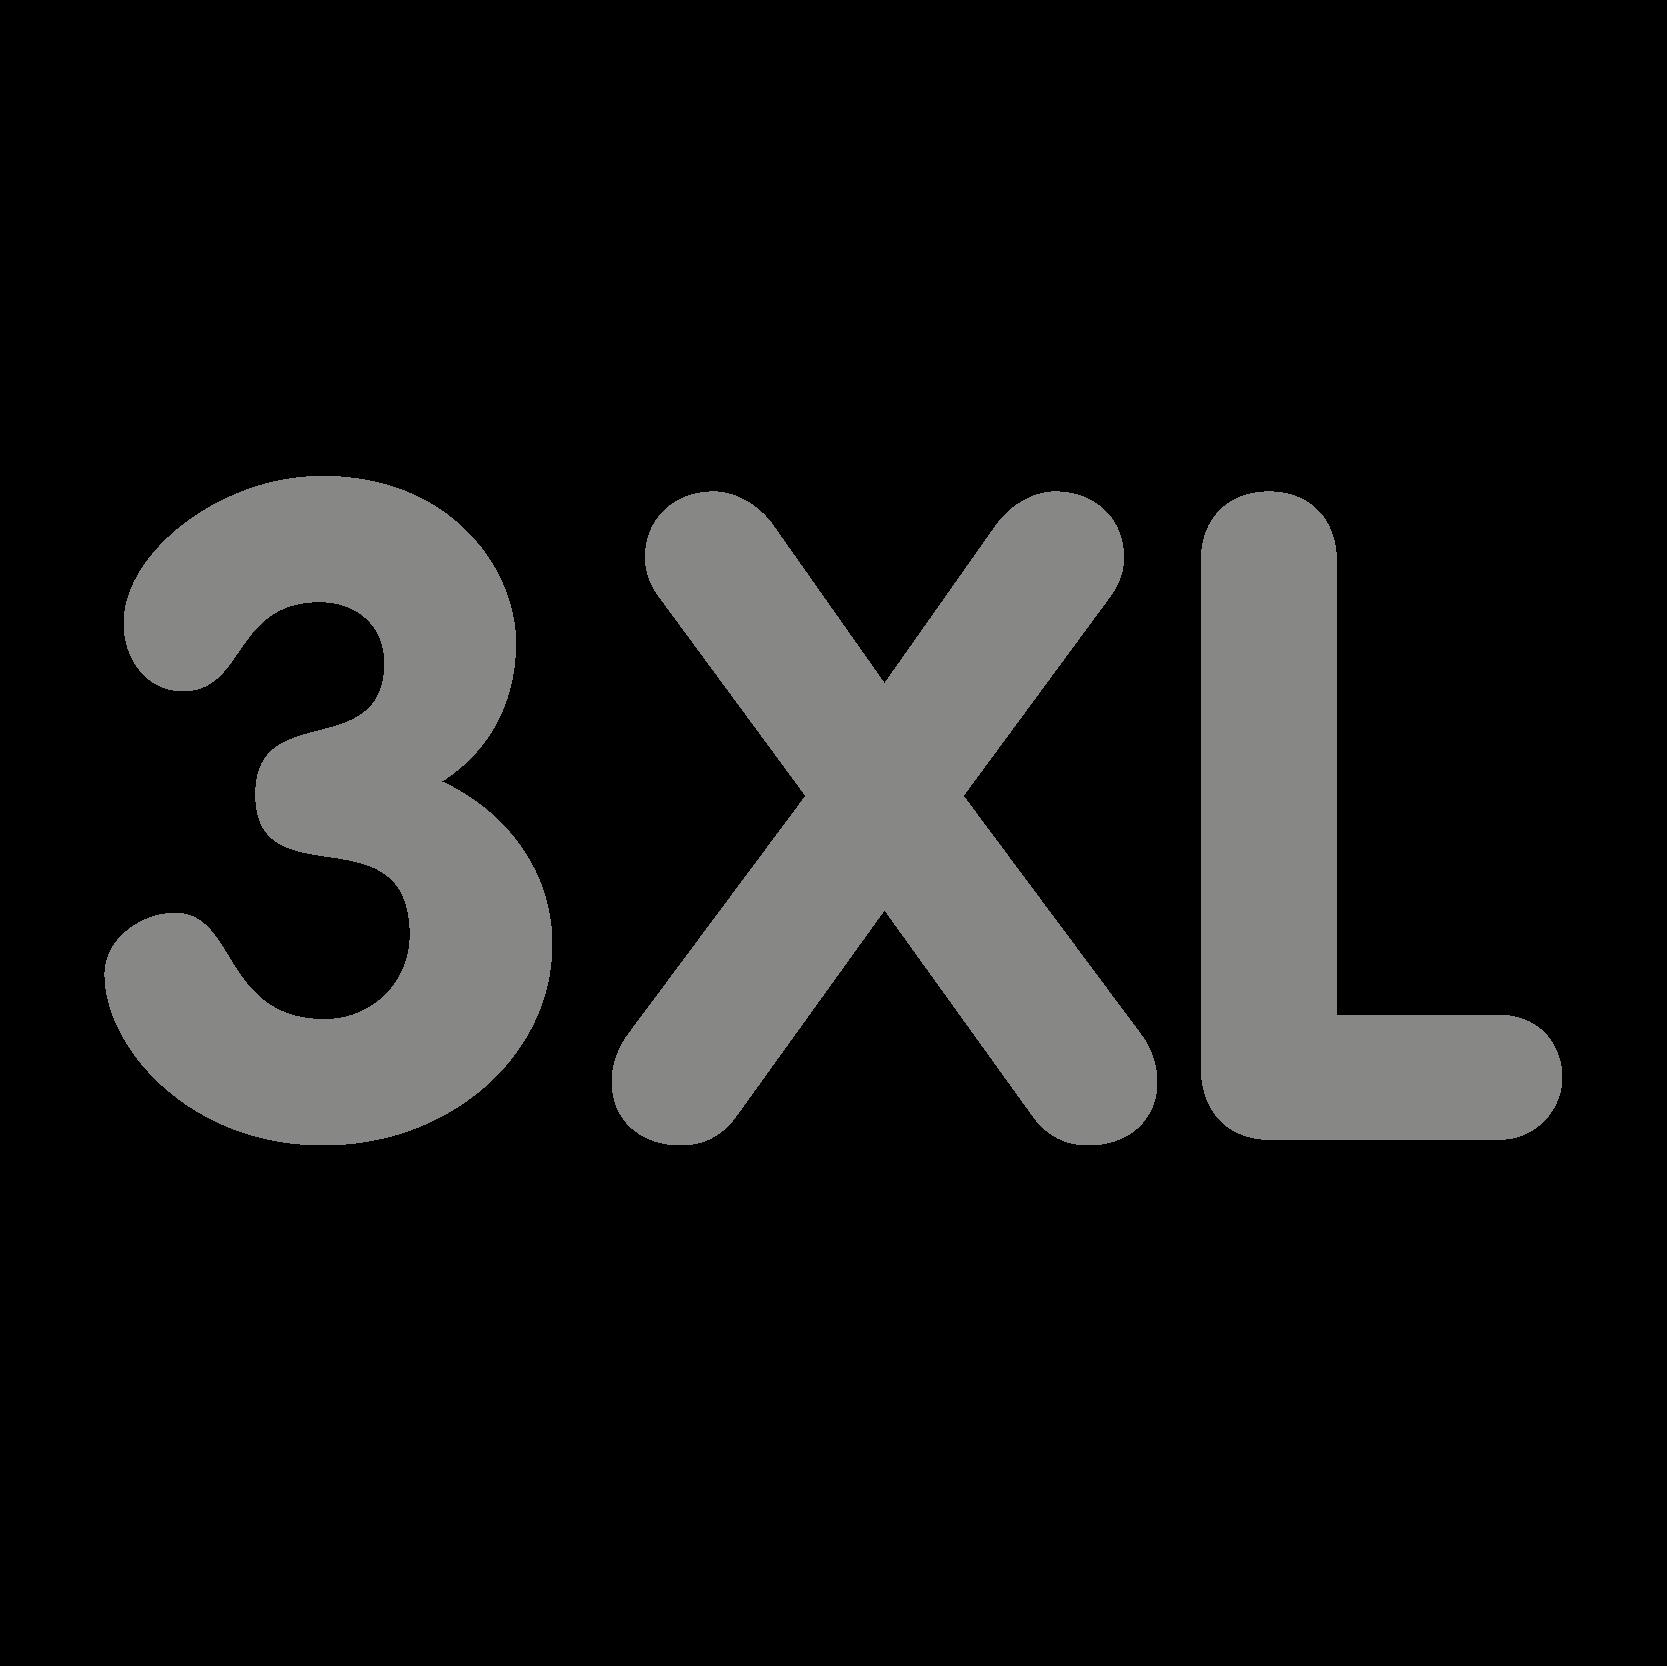 Nueva Talla 3XL